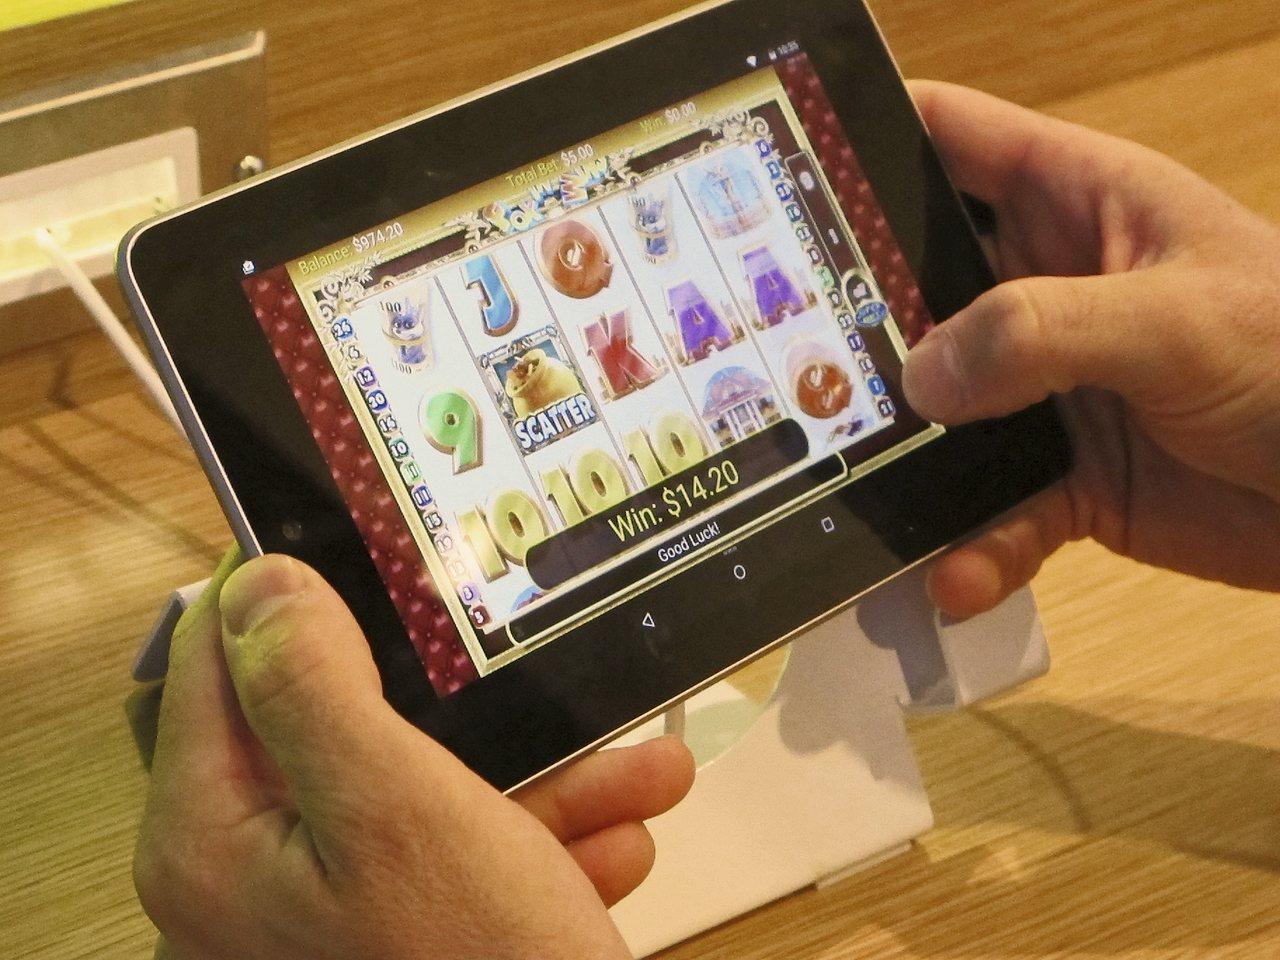 過去美國一些賭場提供虛擬運動賽事賭博,現在可以線上投注。美聯社